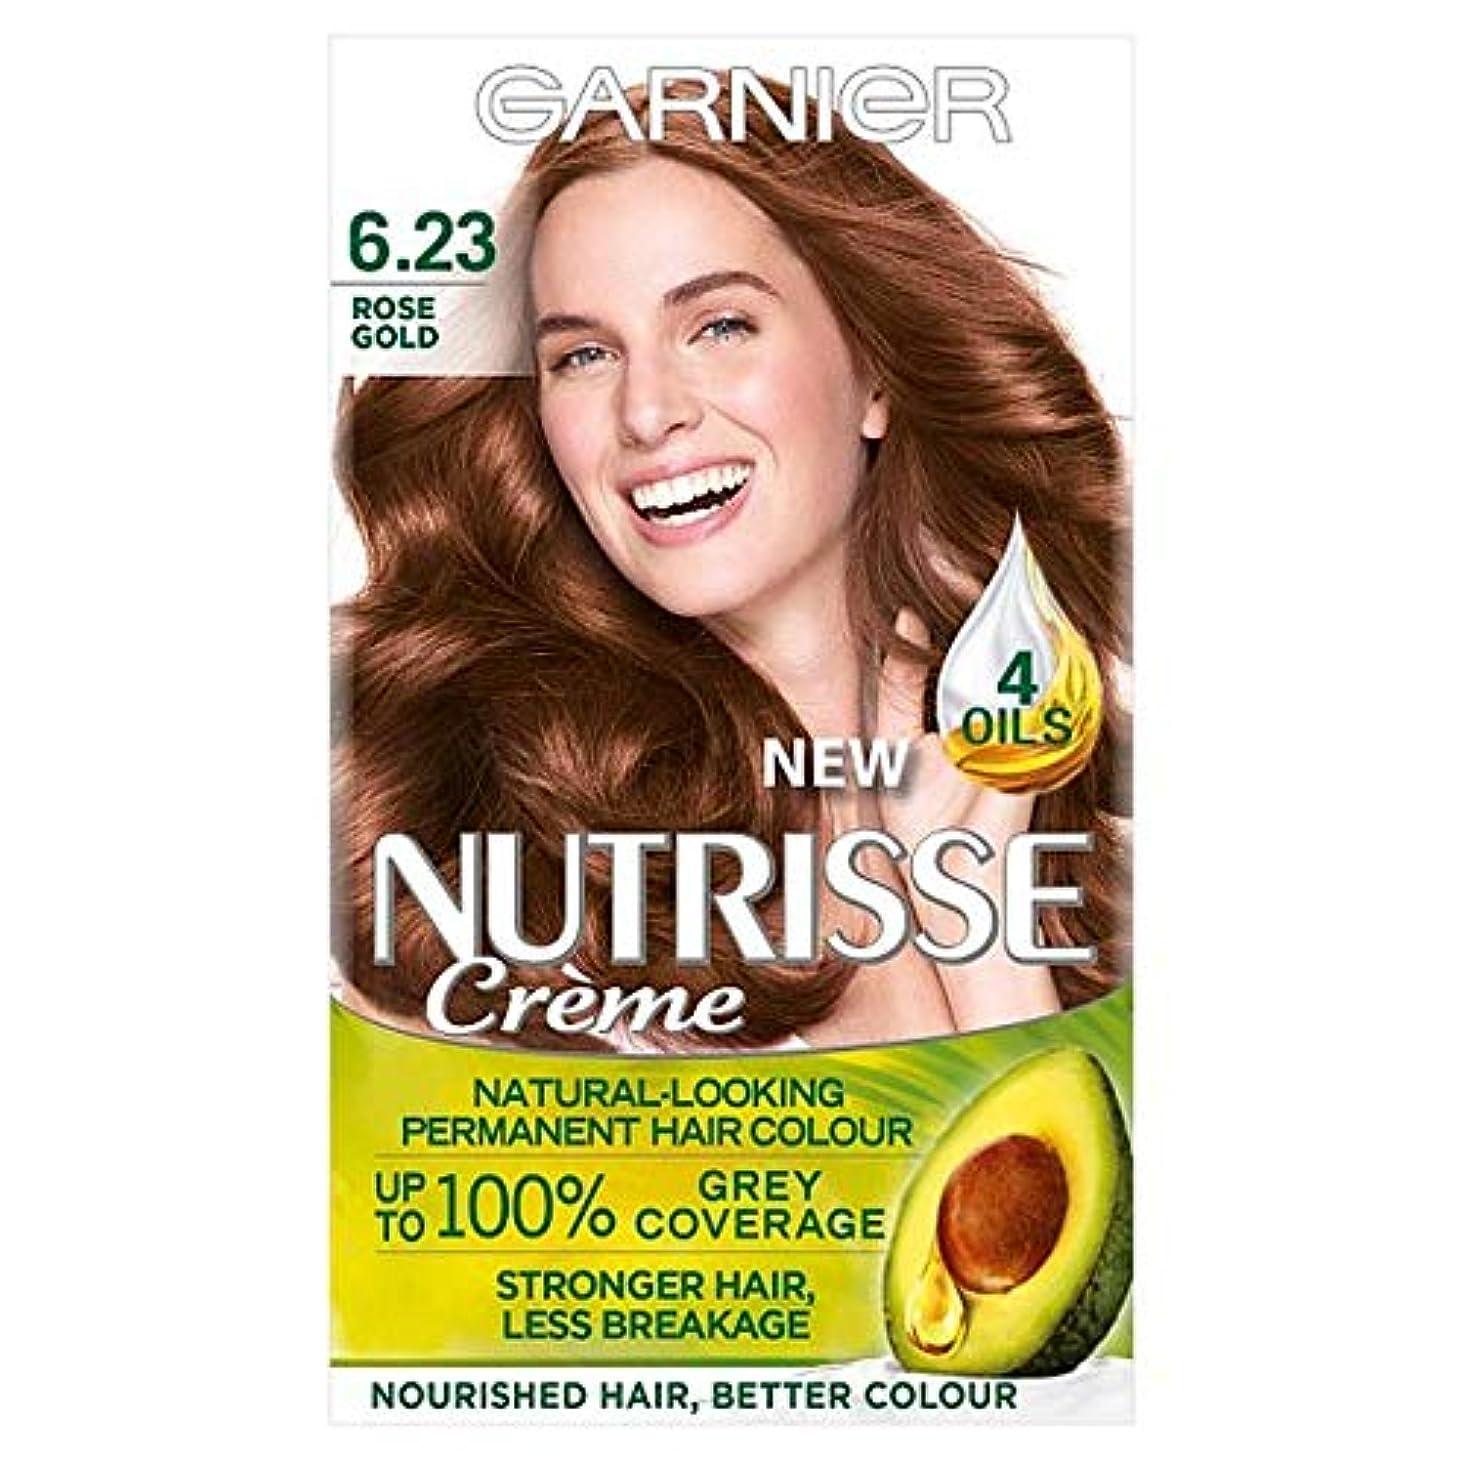 無人リビジョンケイ素[Garnier ] 6.23 Nutrisseガルニエは金茶色の永久染毛剤をバラ - Garnier Nutrisse 6.23 Rose Gold Brown Permanent Hair Dye [並行輸入品]